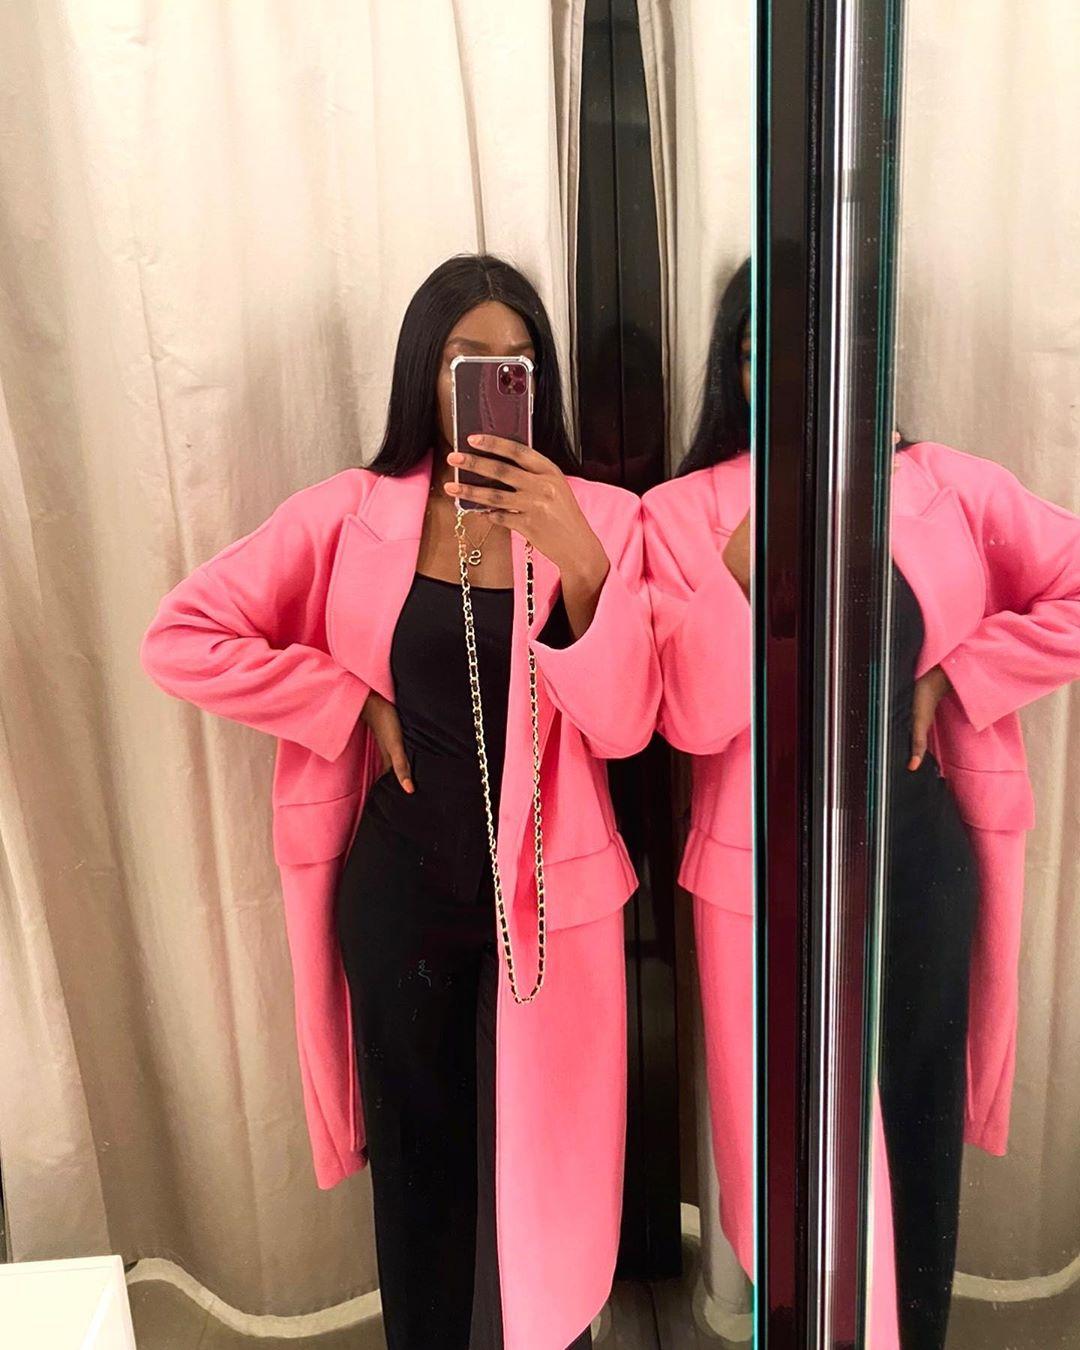 oversized coat with flaps de Zara sur alieh.s_